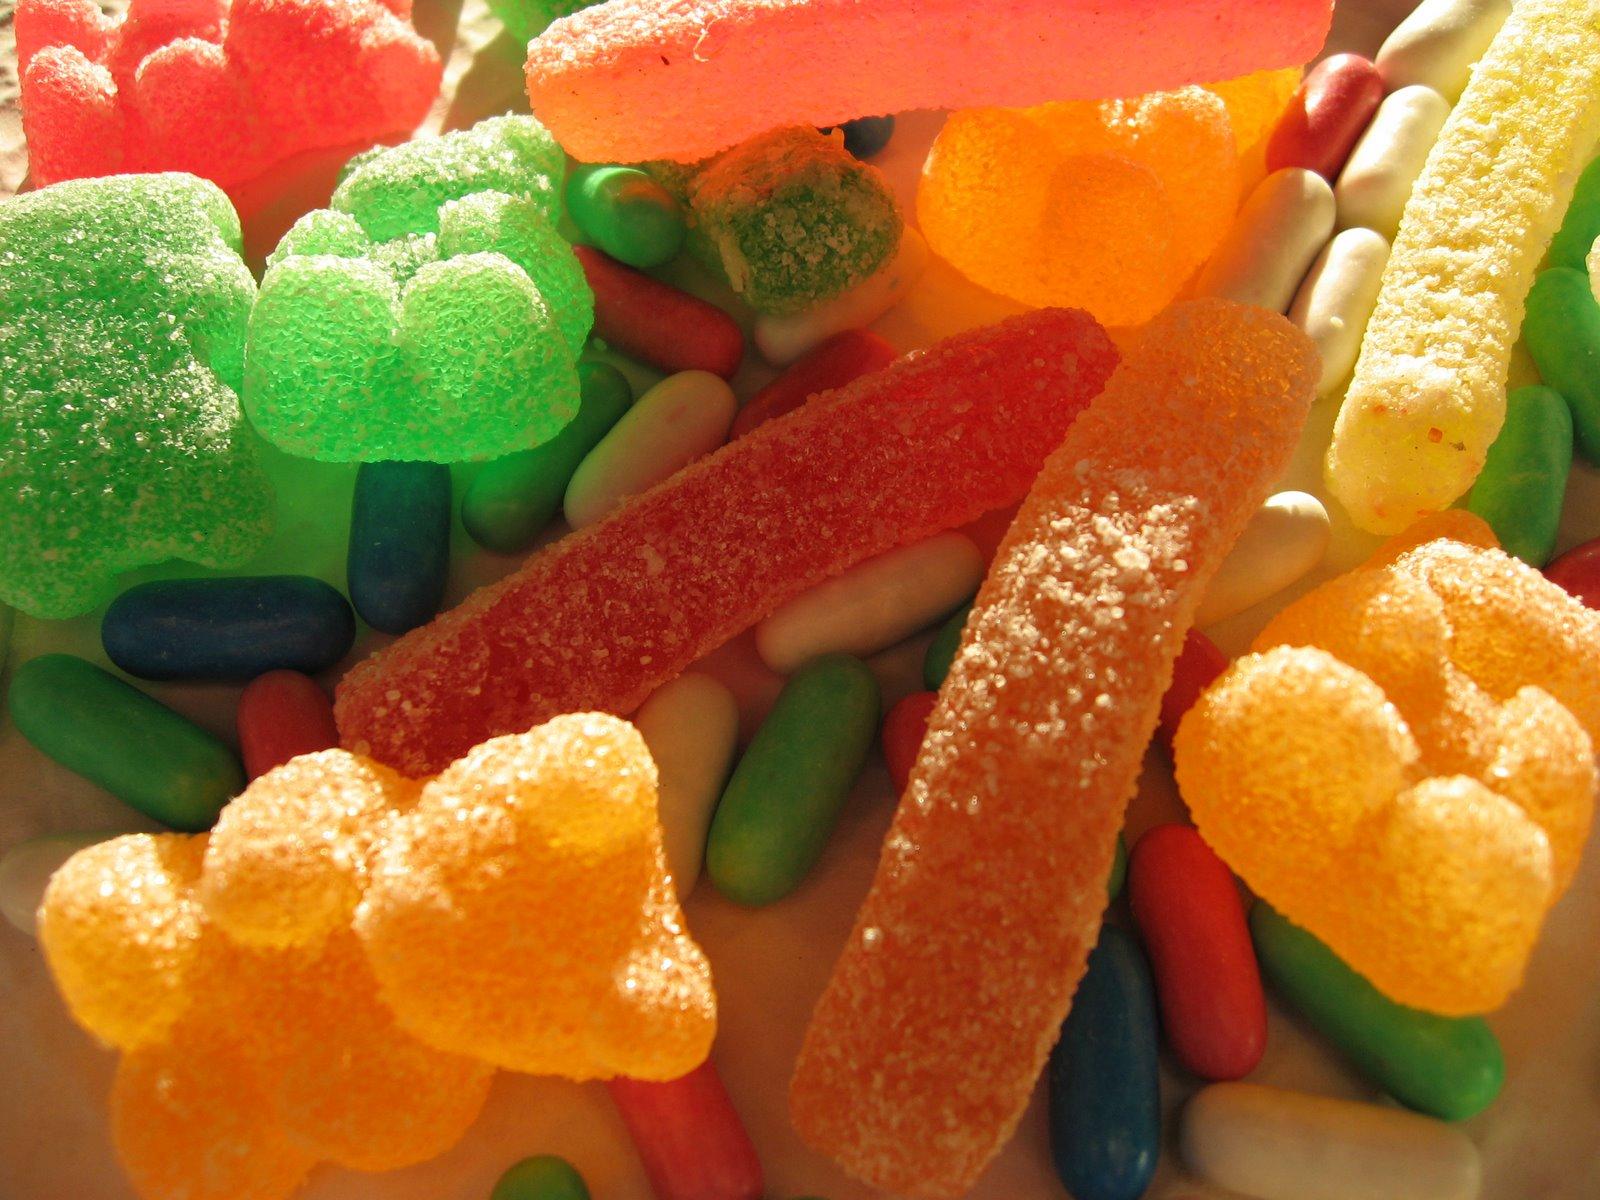 Livraison de bonbons la maison bons - Bon de reduction delamaison ...